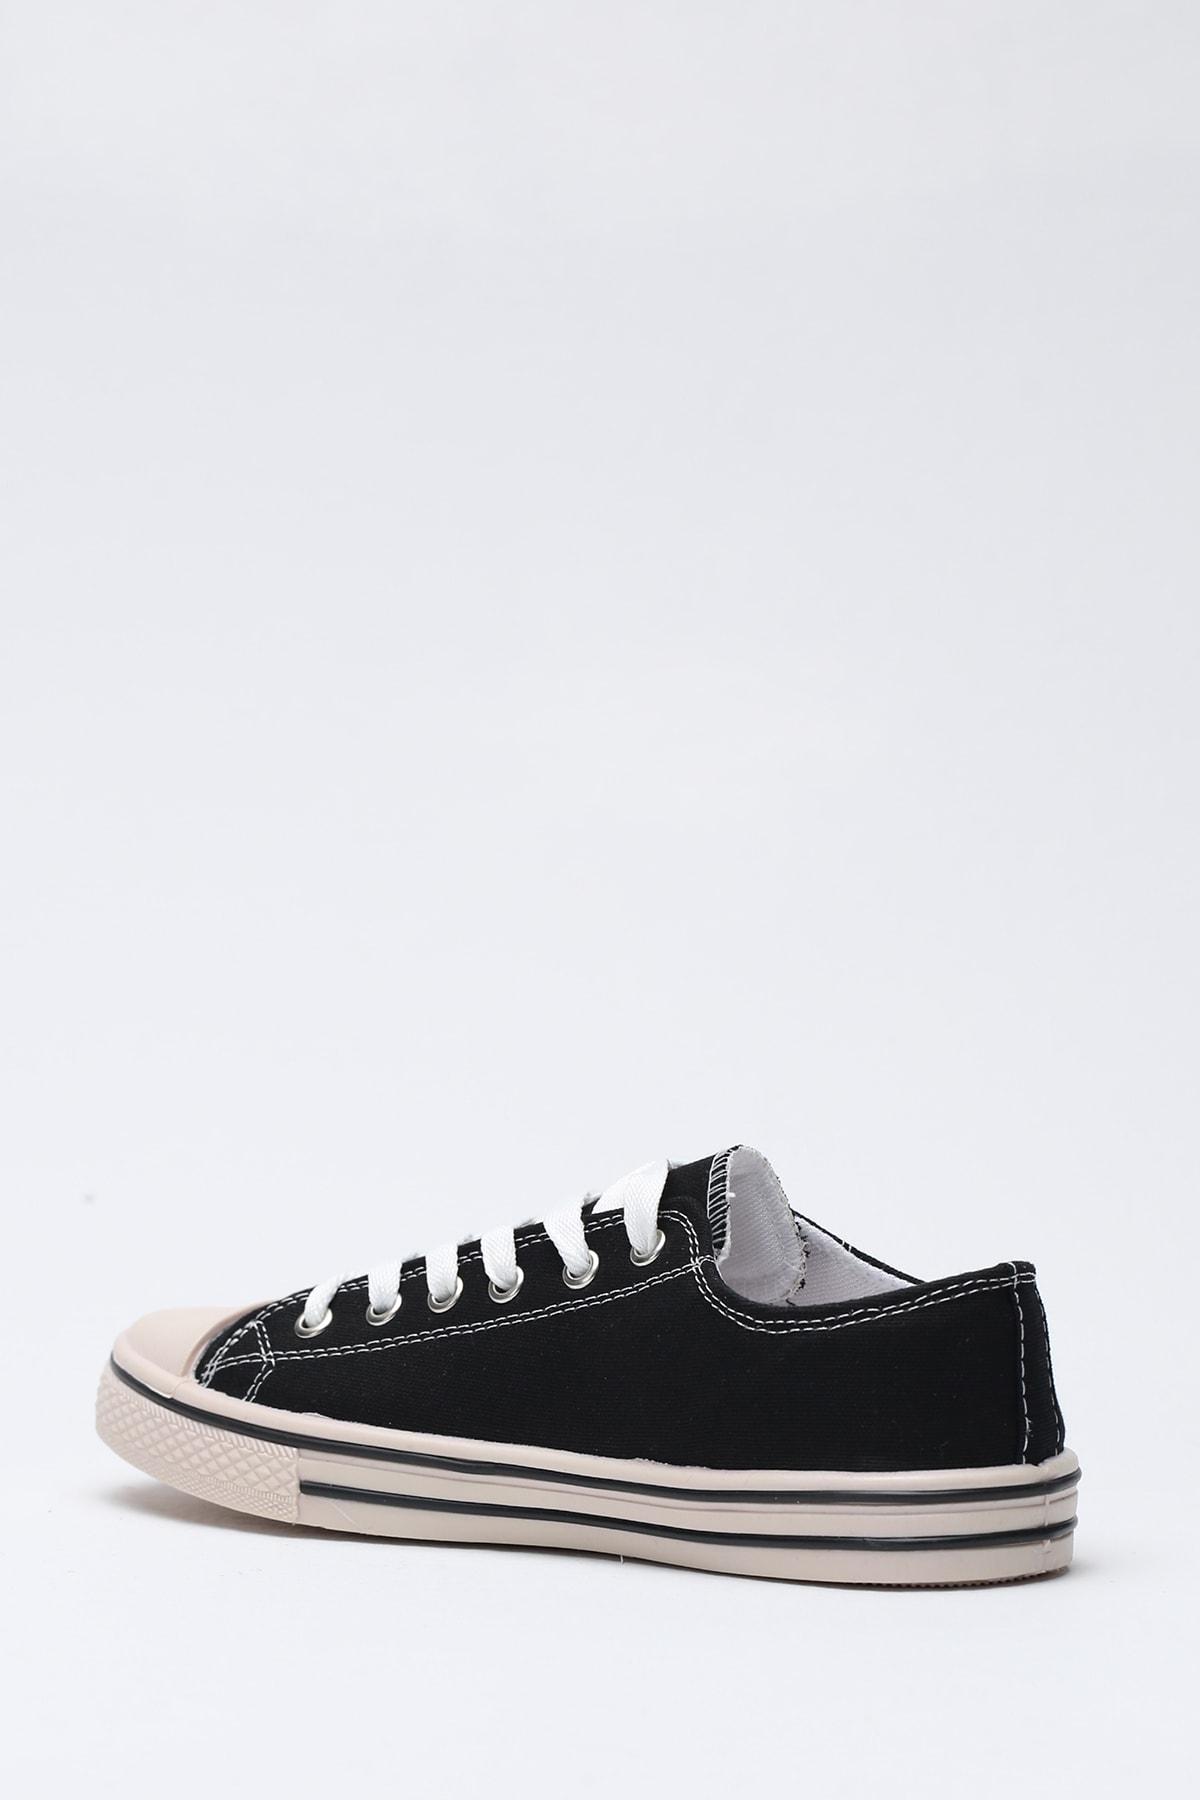 Ayakkabı Modası Siyah Krem Kadın Ayakkabı M9999-19-100165R 2